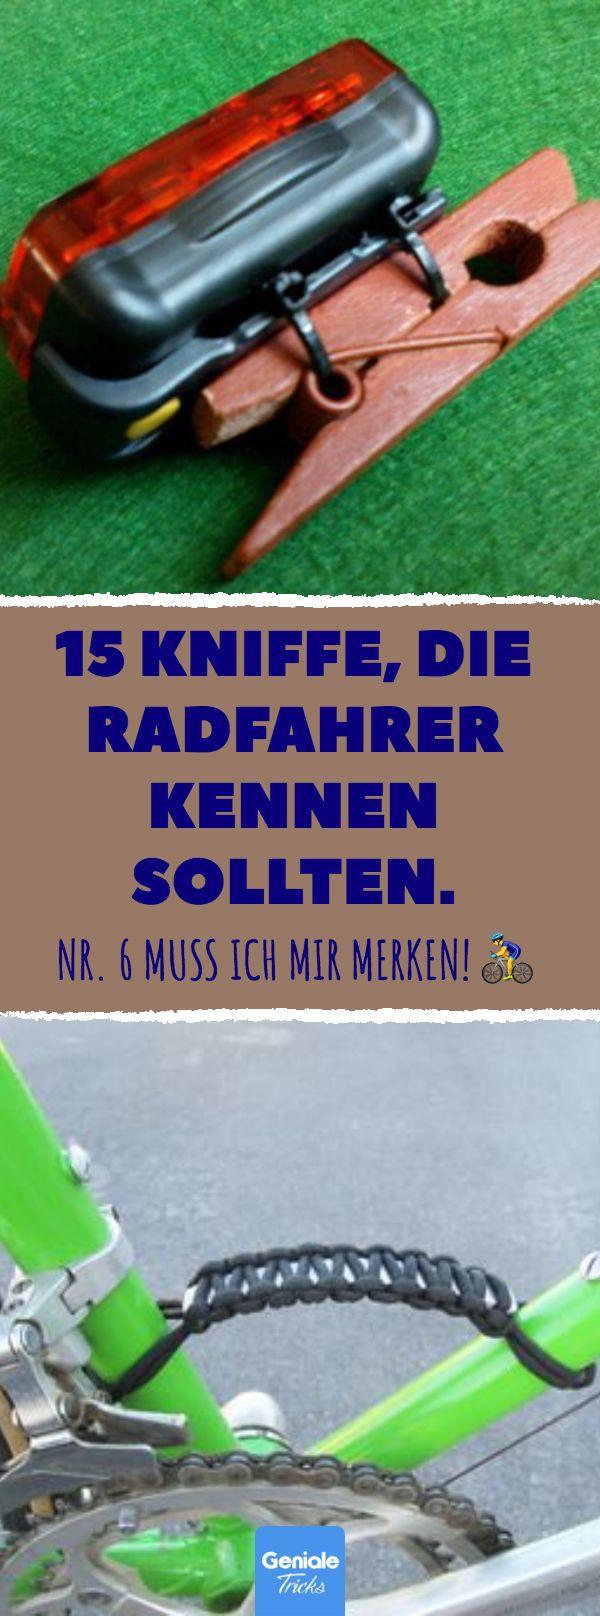 15 Kniffe, die Radfahrer kennen sollten. 15 Tipps,…